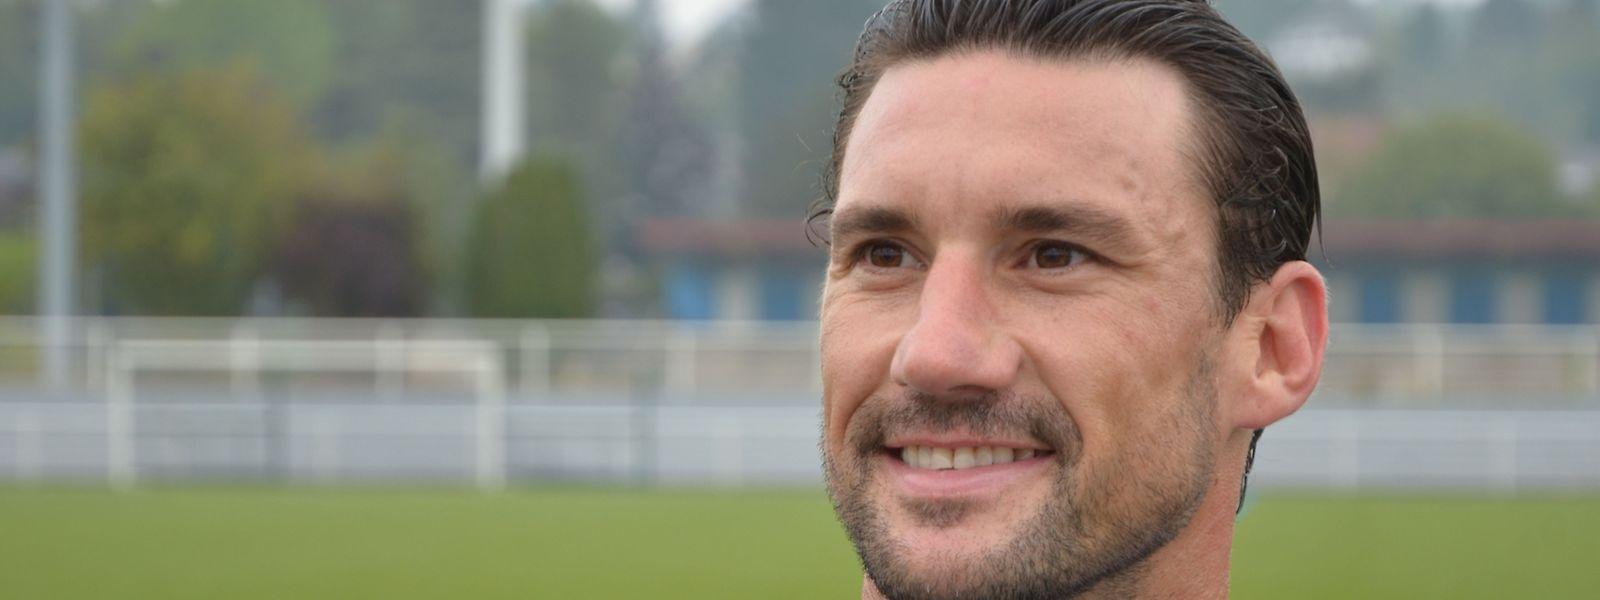 Stéphane Borbiconi: «Metz posséde une épine dorsale de qualité»